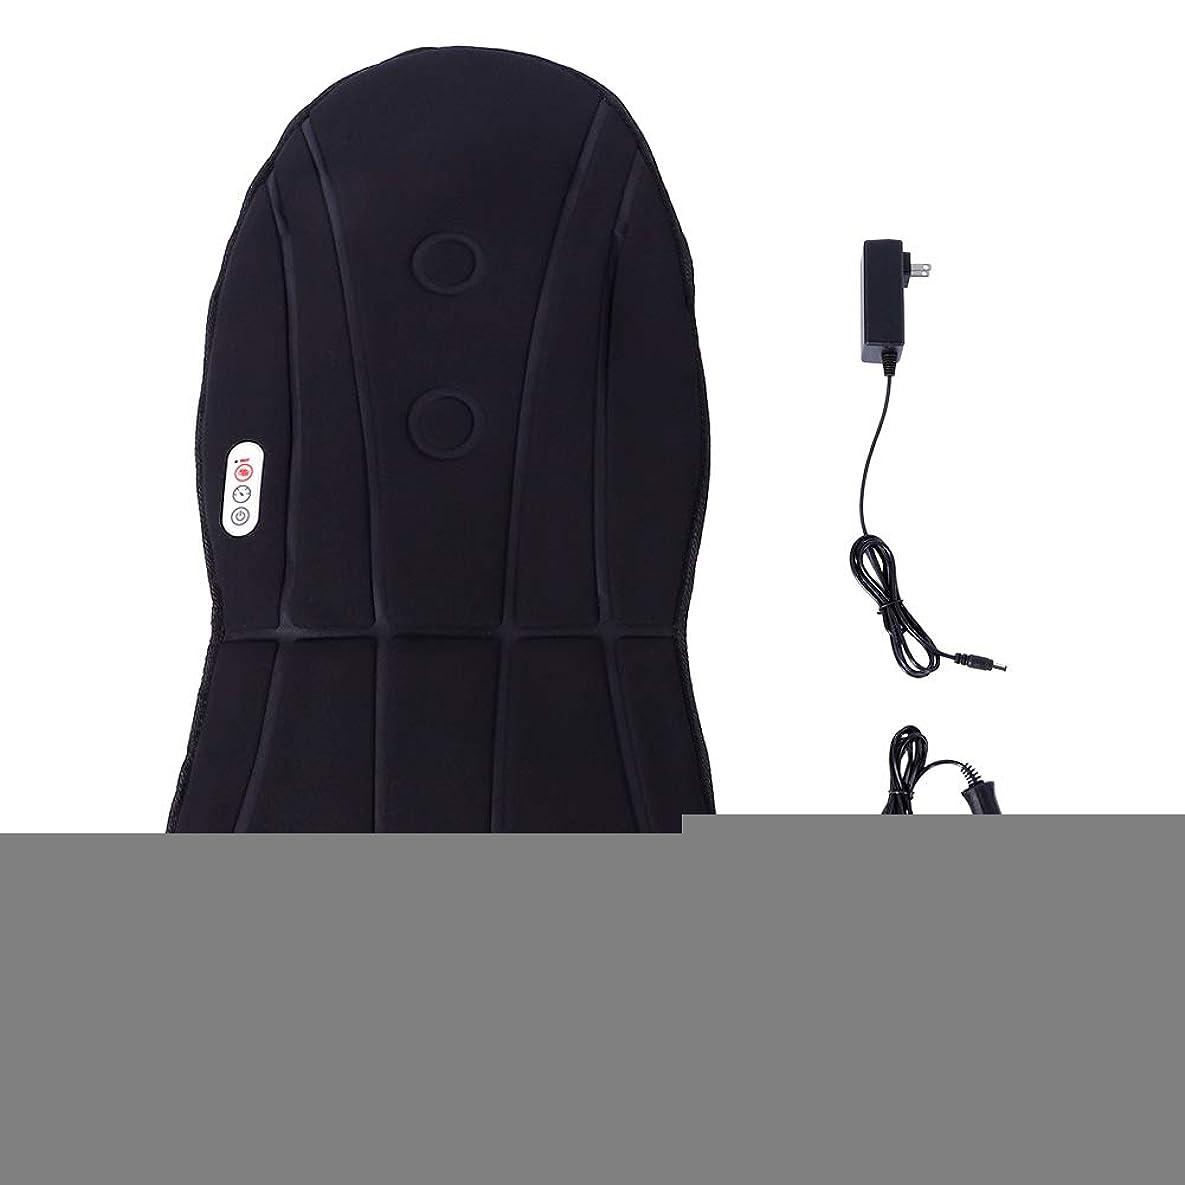 黒人崇拝する合法バックマッサージと首の振動のための暖房マッサージ付きマッサージ車のクッション振動クッション3ホームオフィスで調整可能な速度(US)